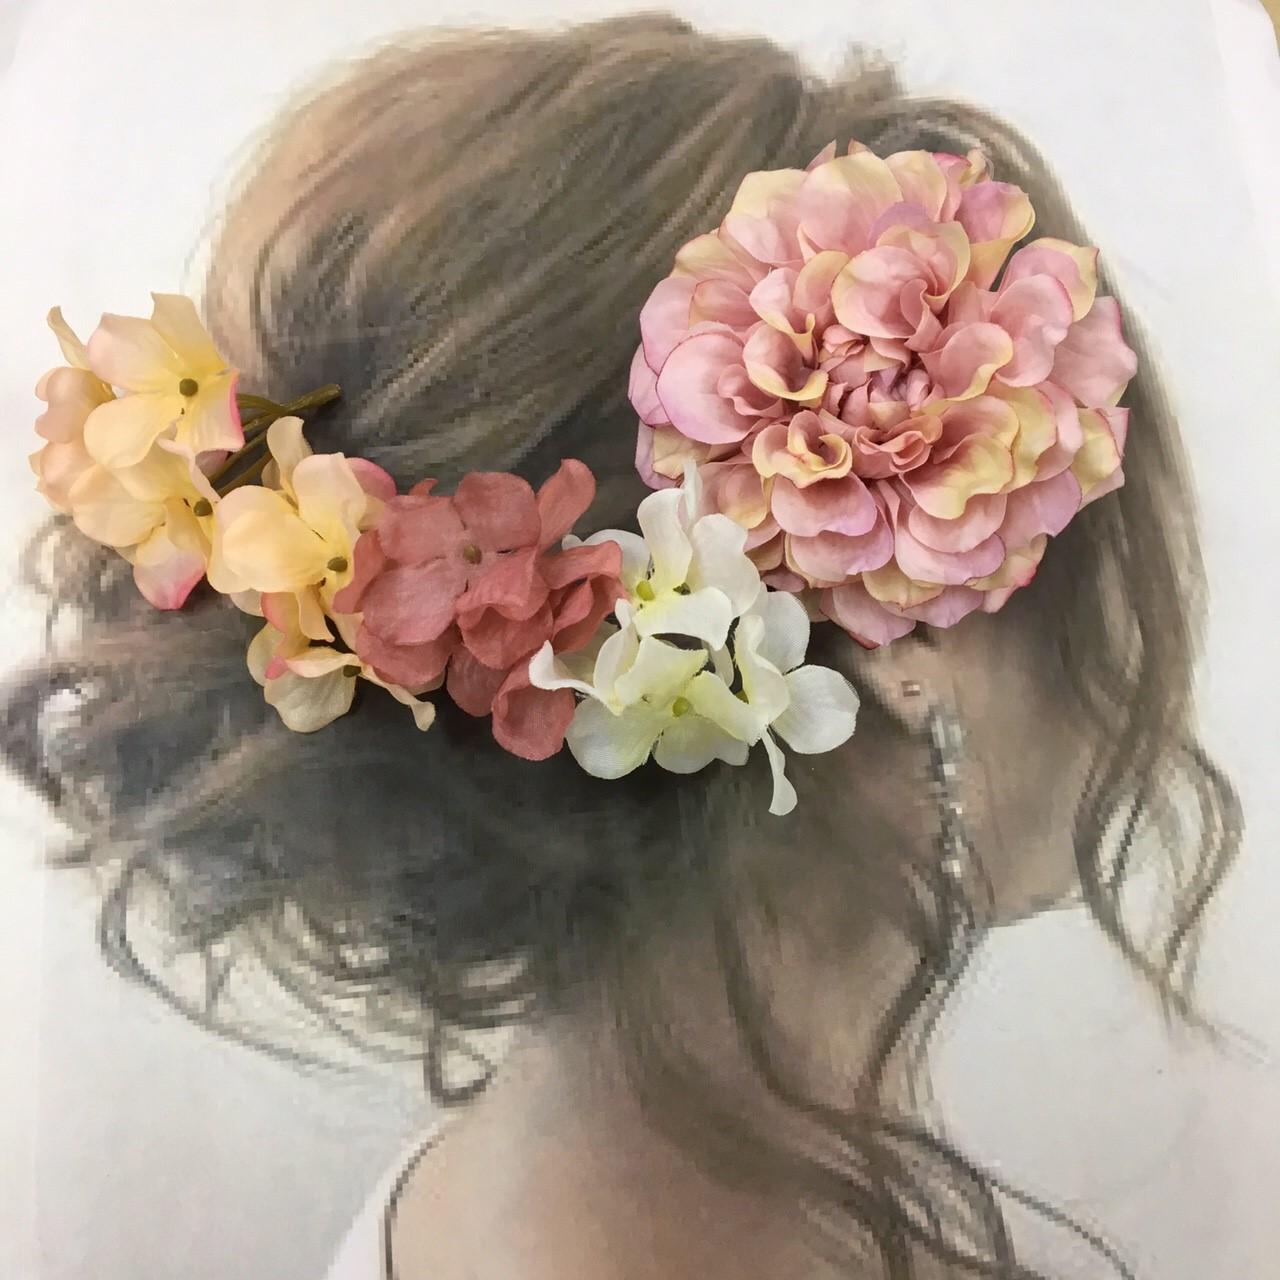 ピンクダリア&紫陽花 髪飾り 5点セット 入荷しました!